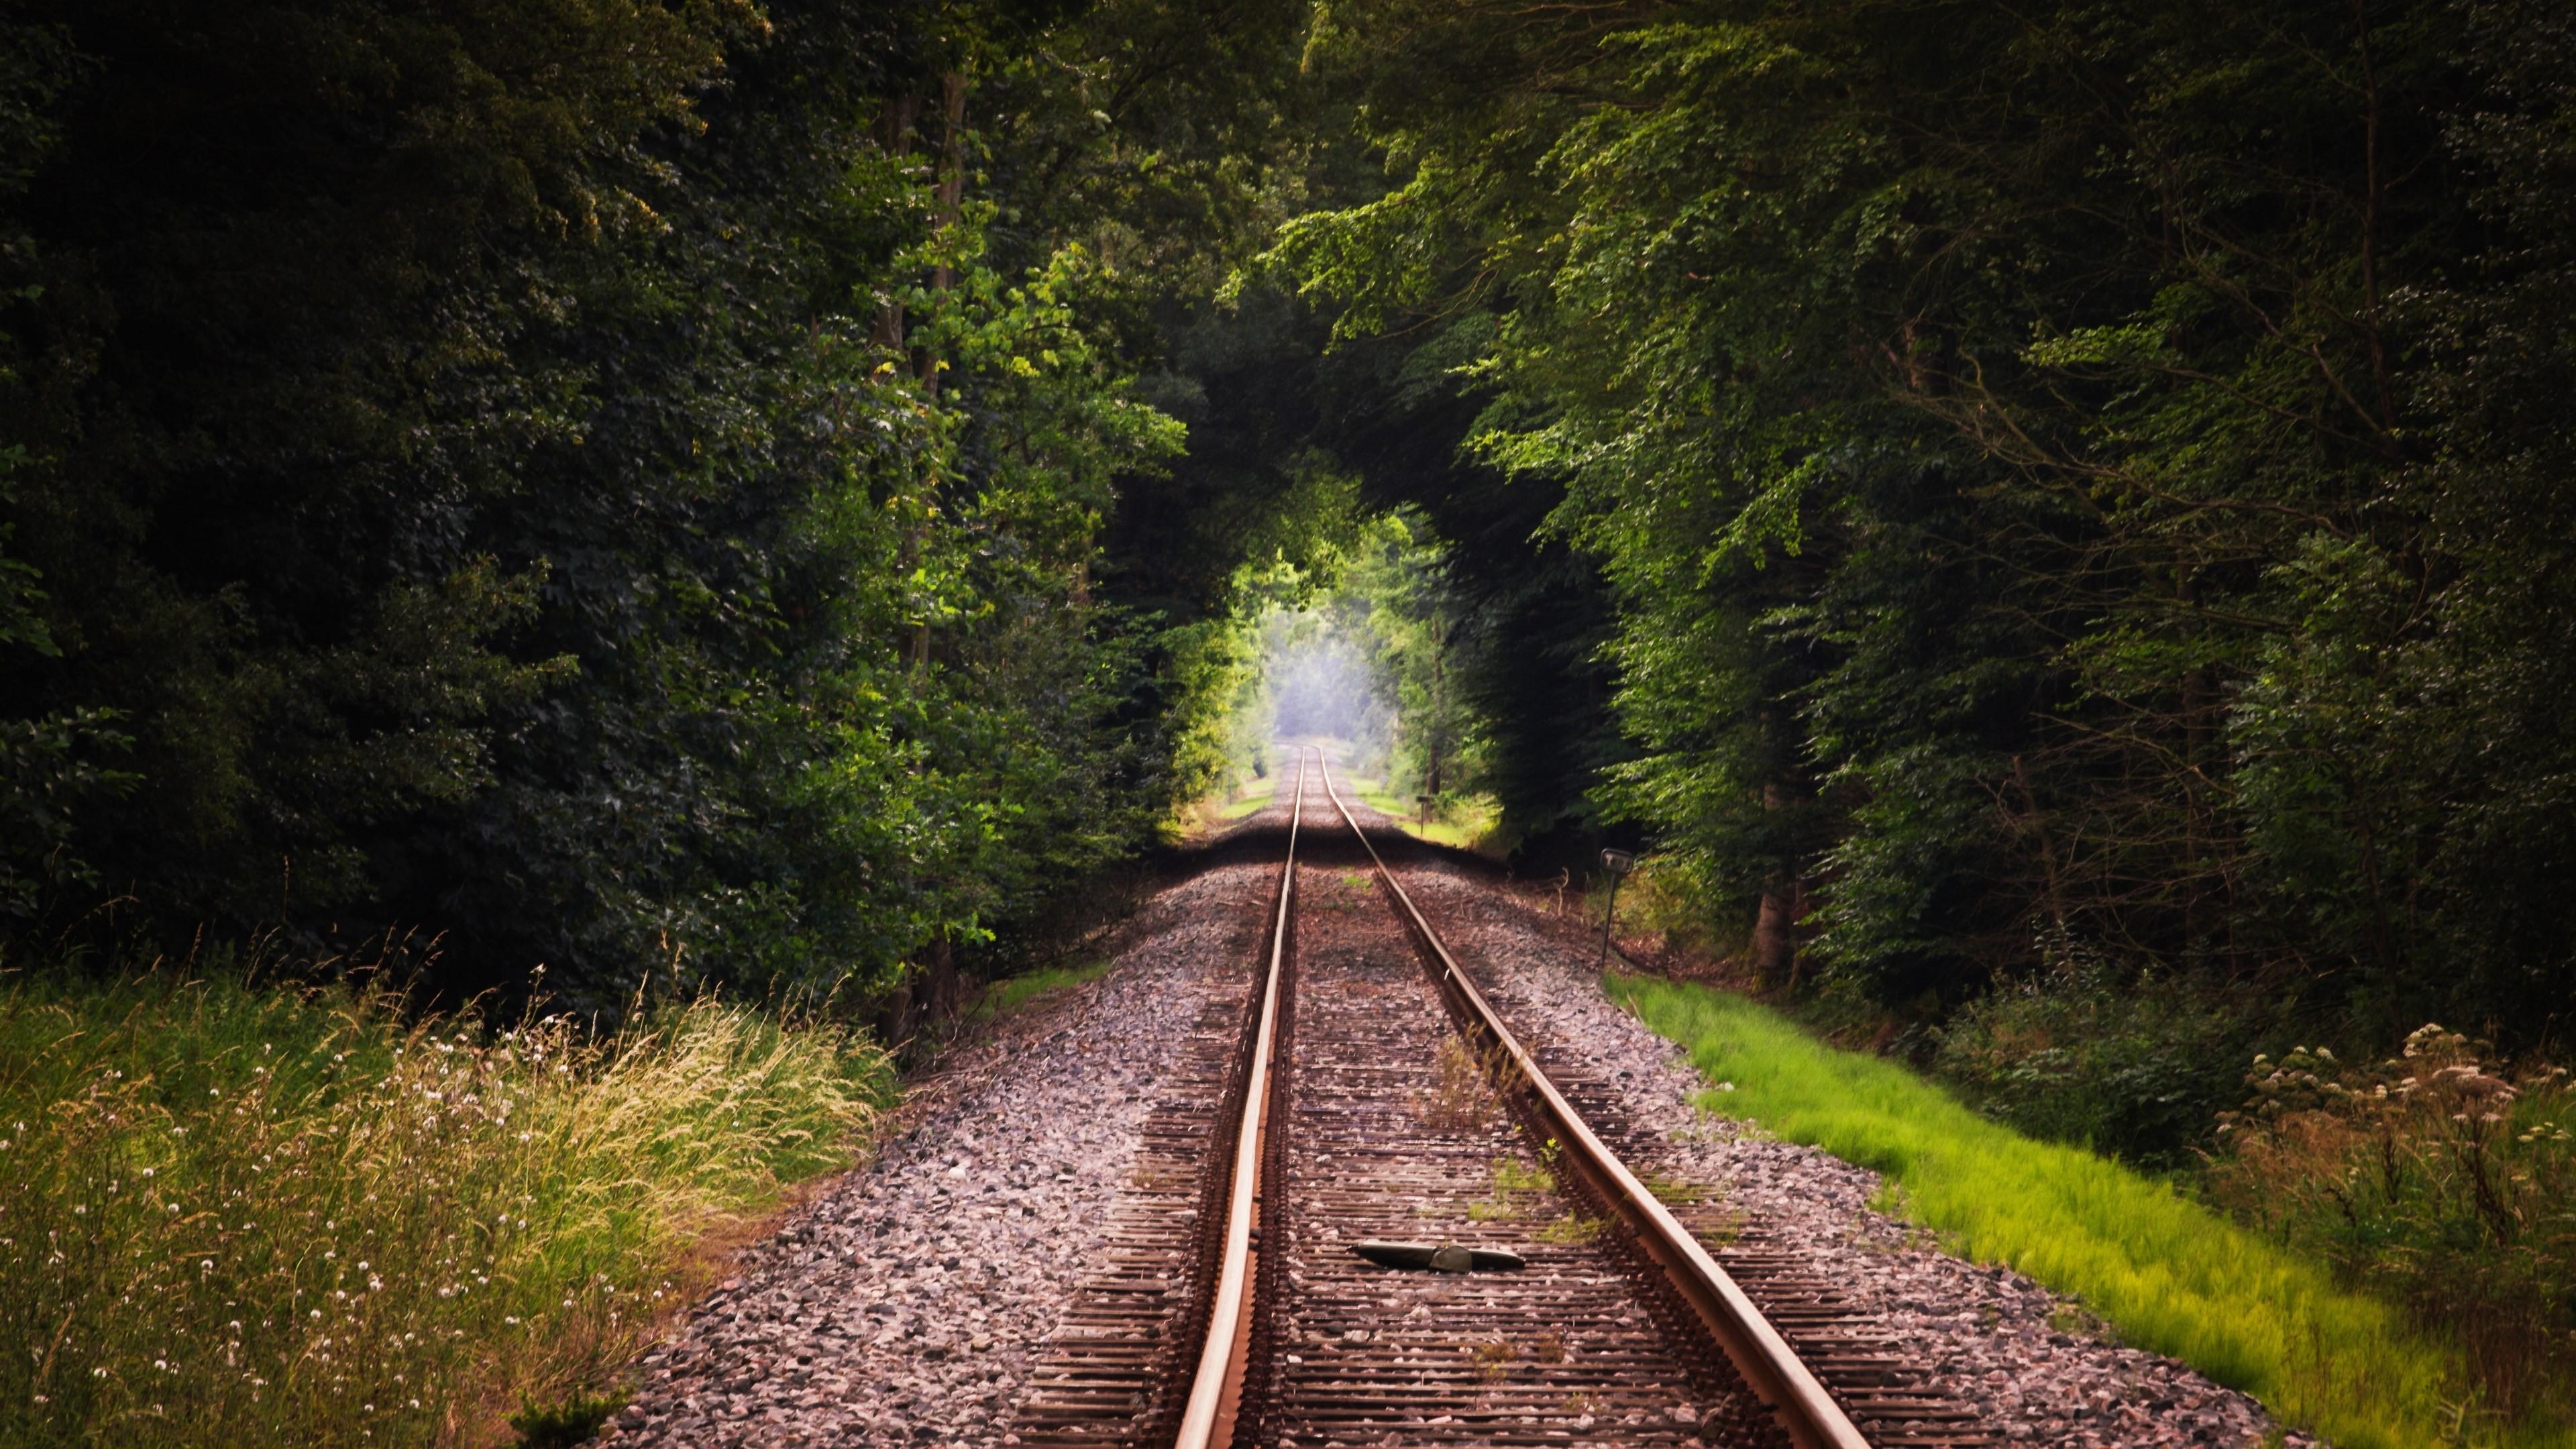 nature forest wallpaper,track,transport,nature,tree,natural landscape